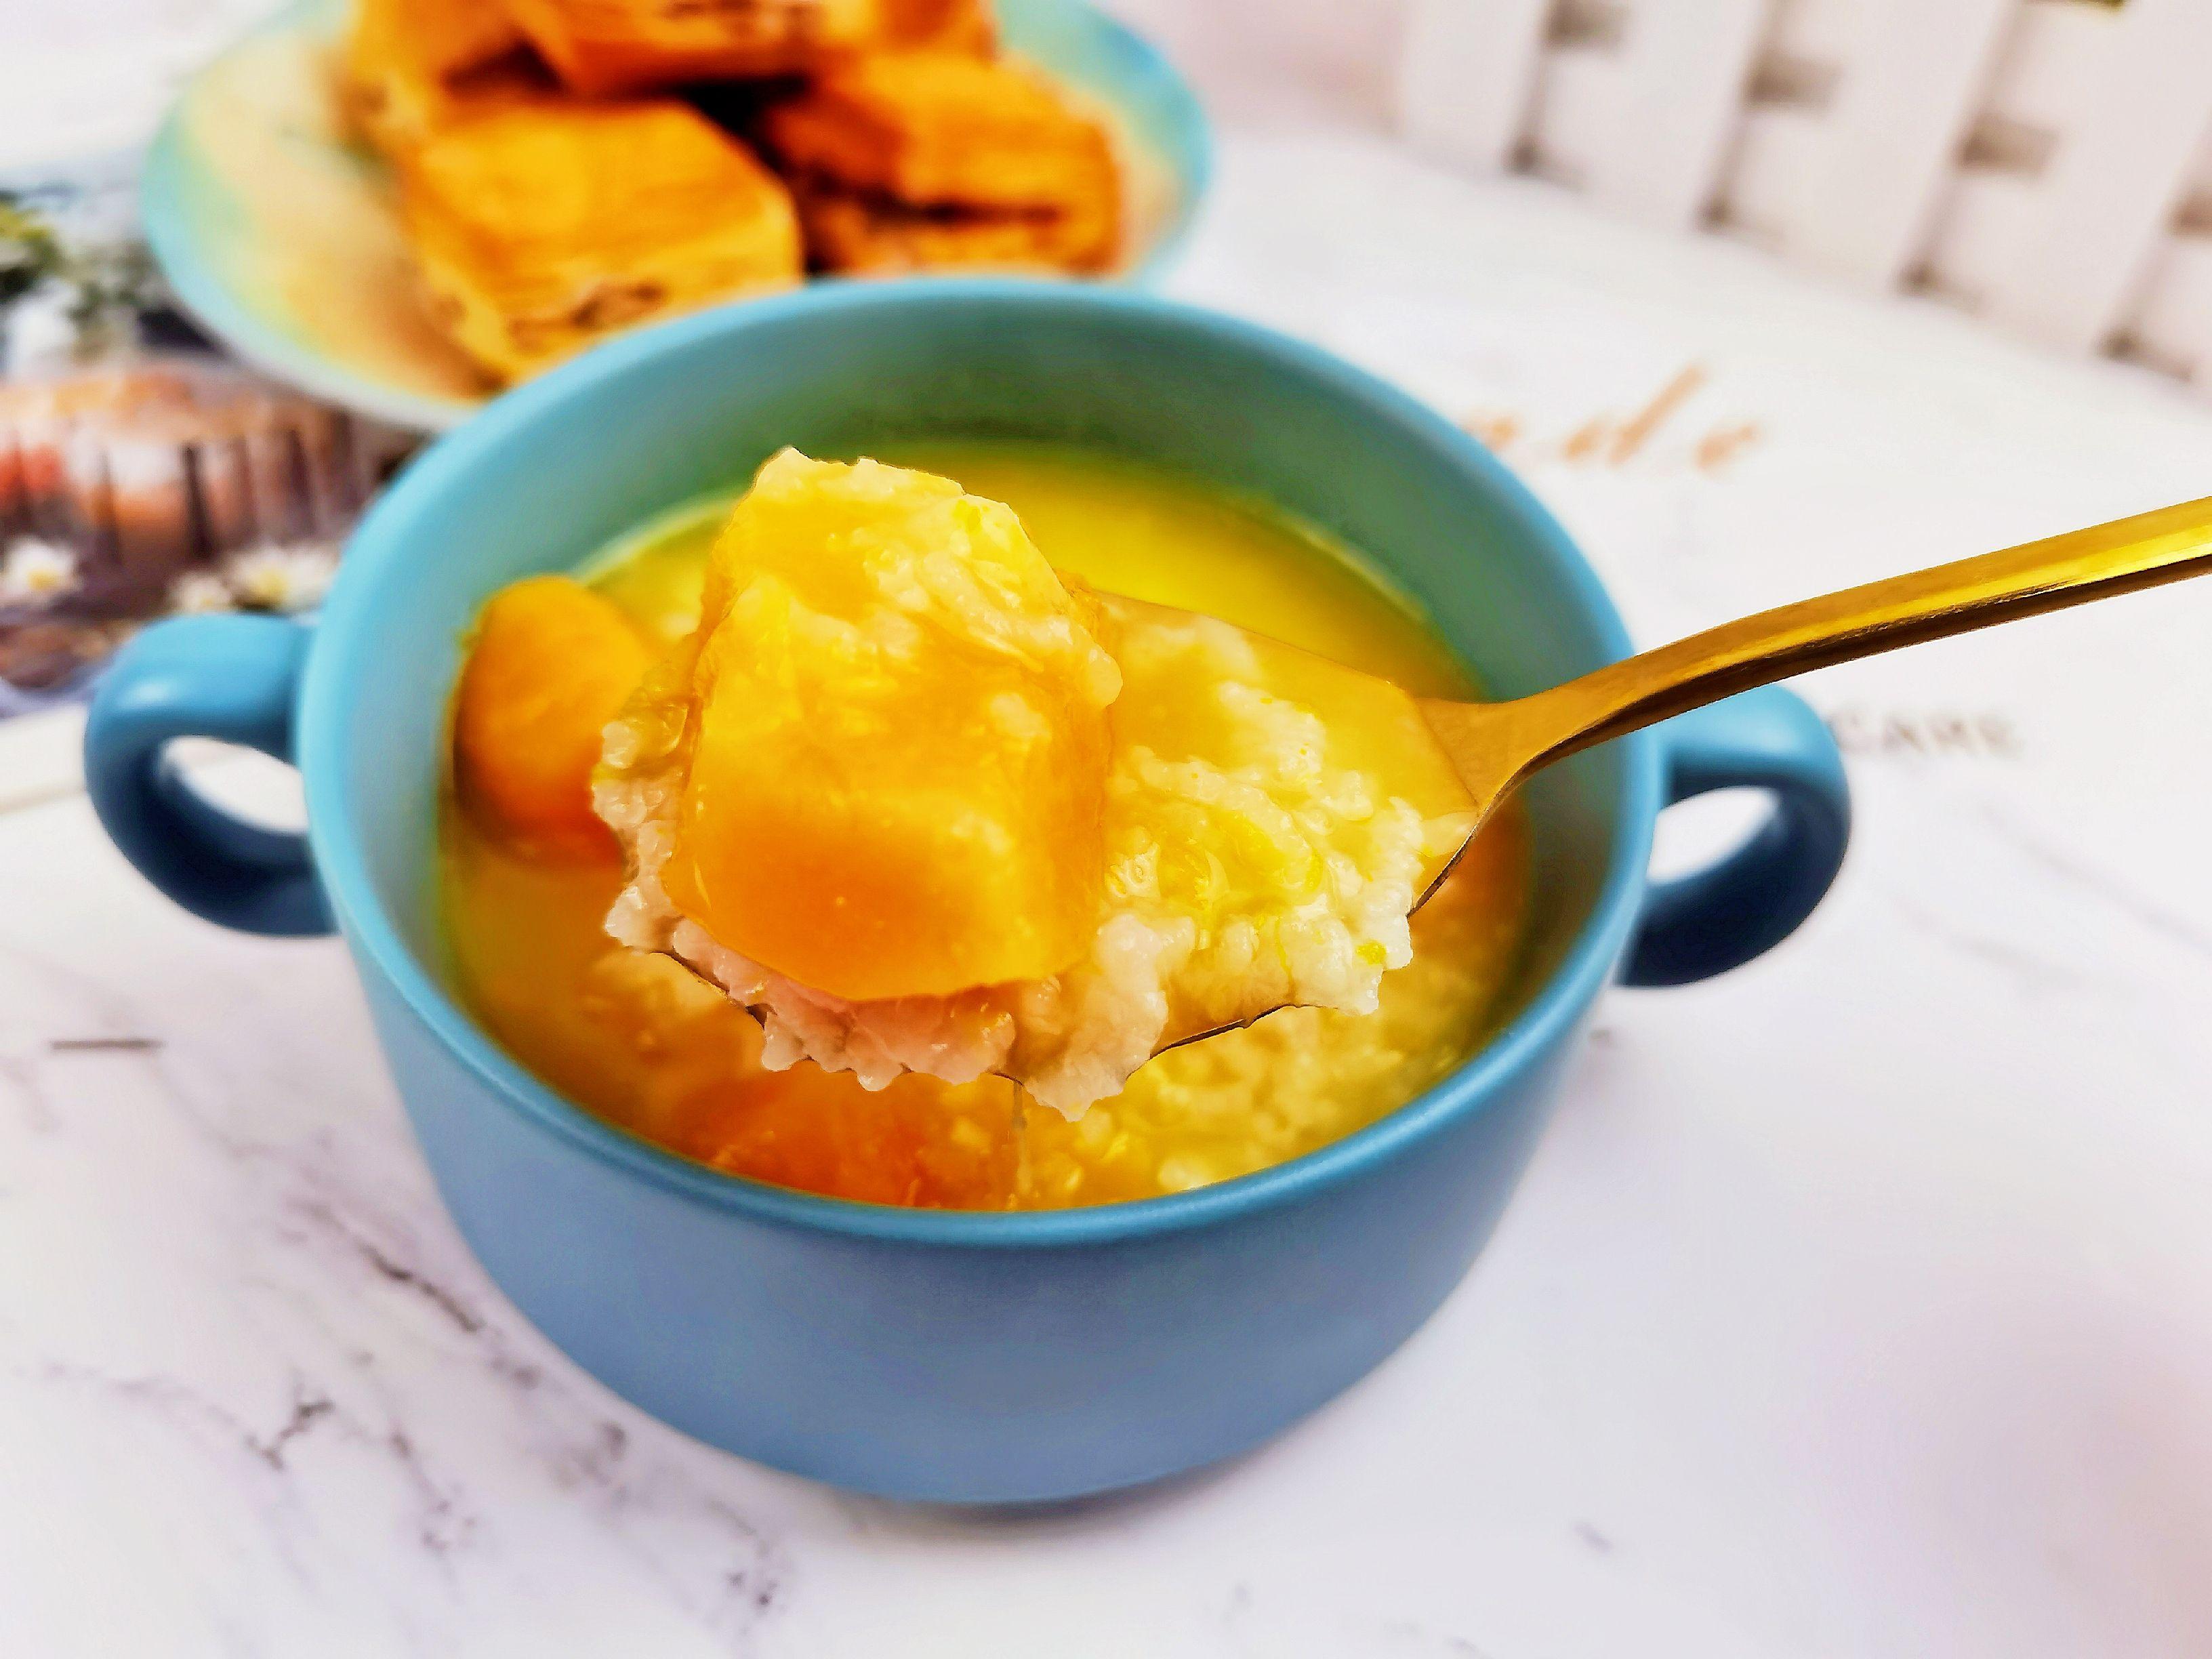 秋日养生粥-南瓜红薯粥,金灿灿甜滋滋,让人食欲满满怎么炒